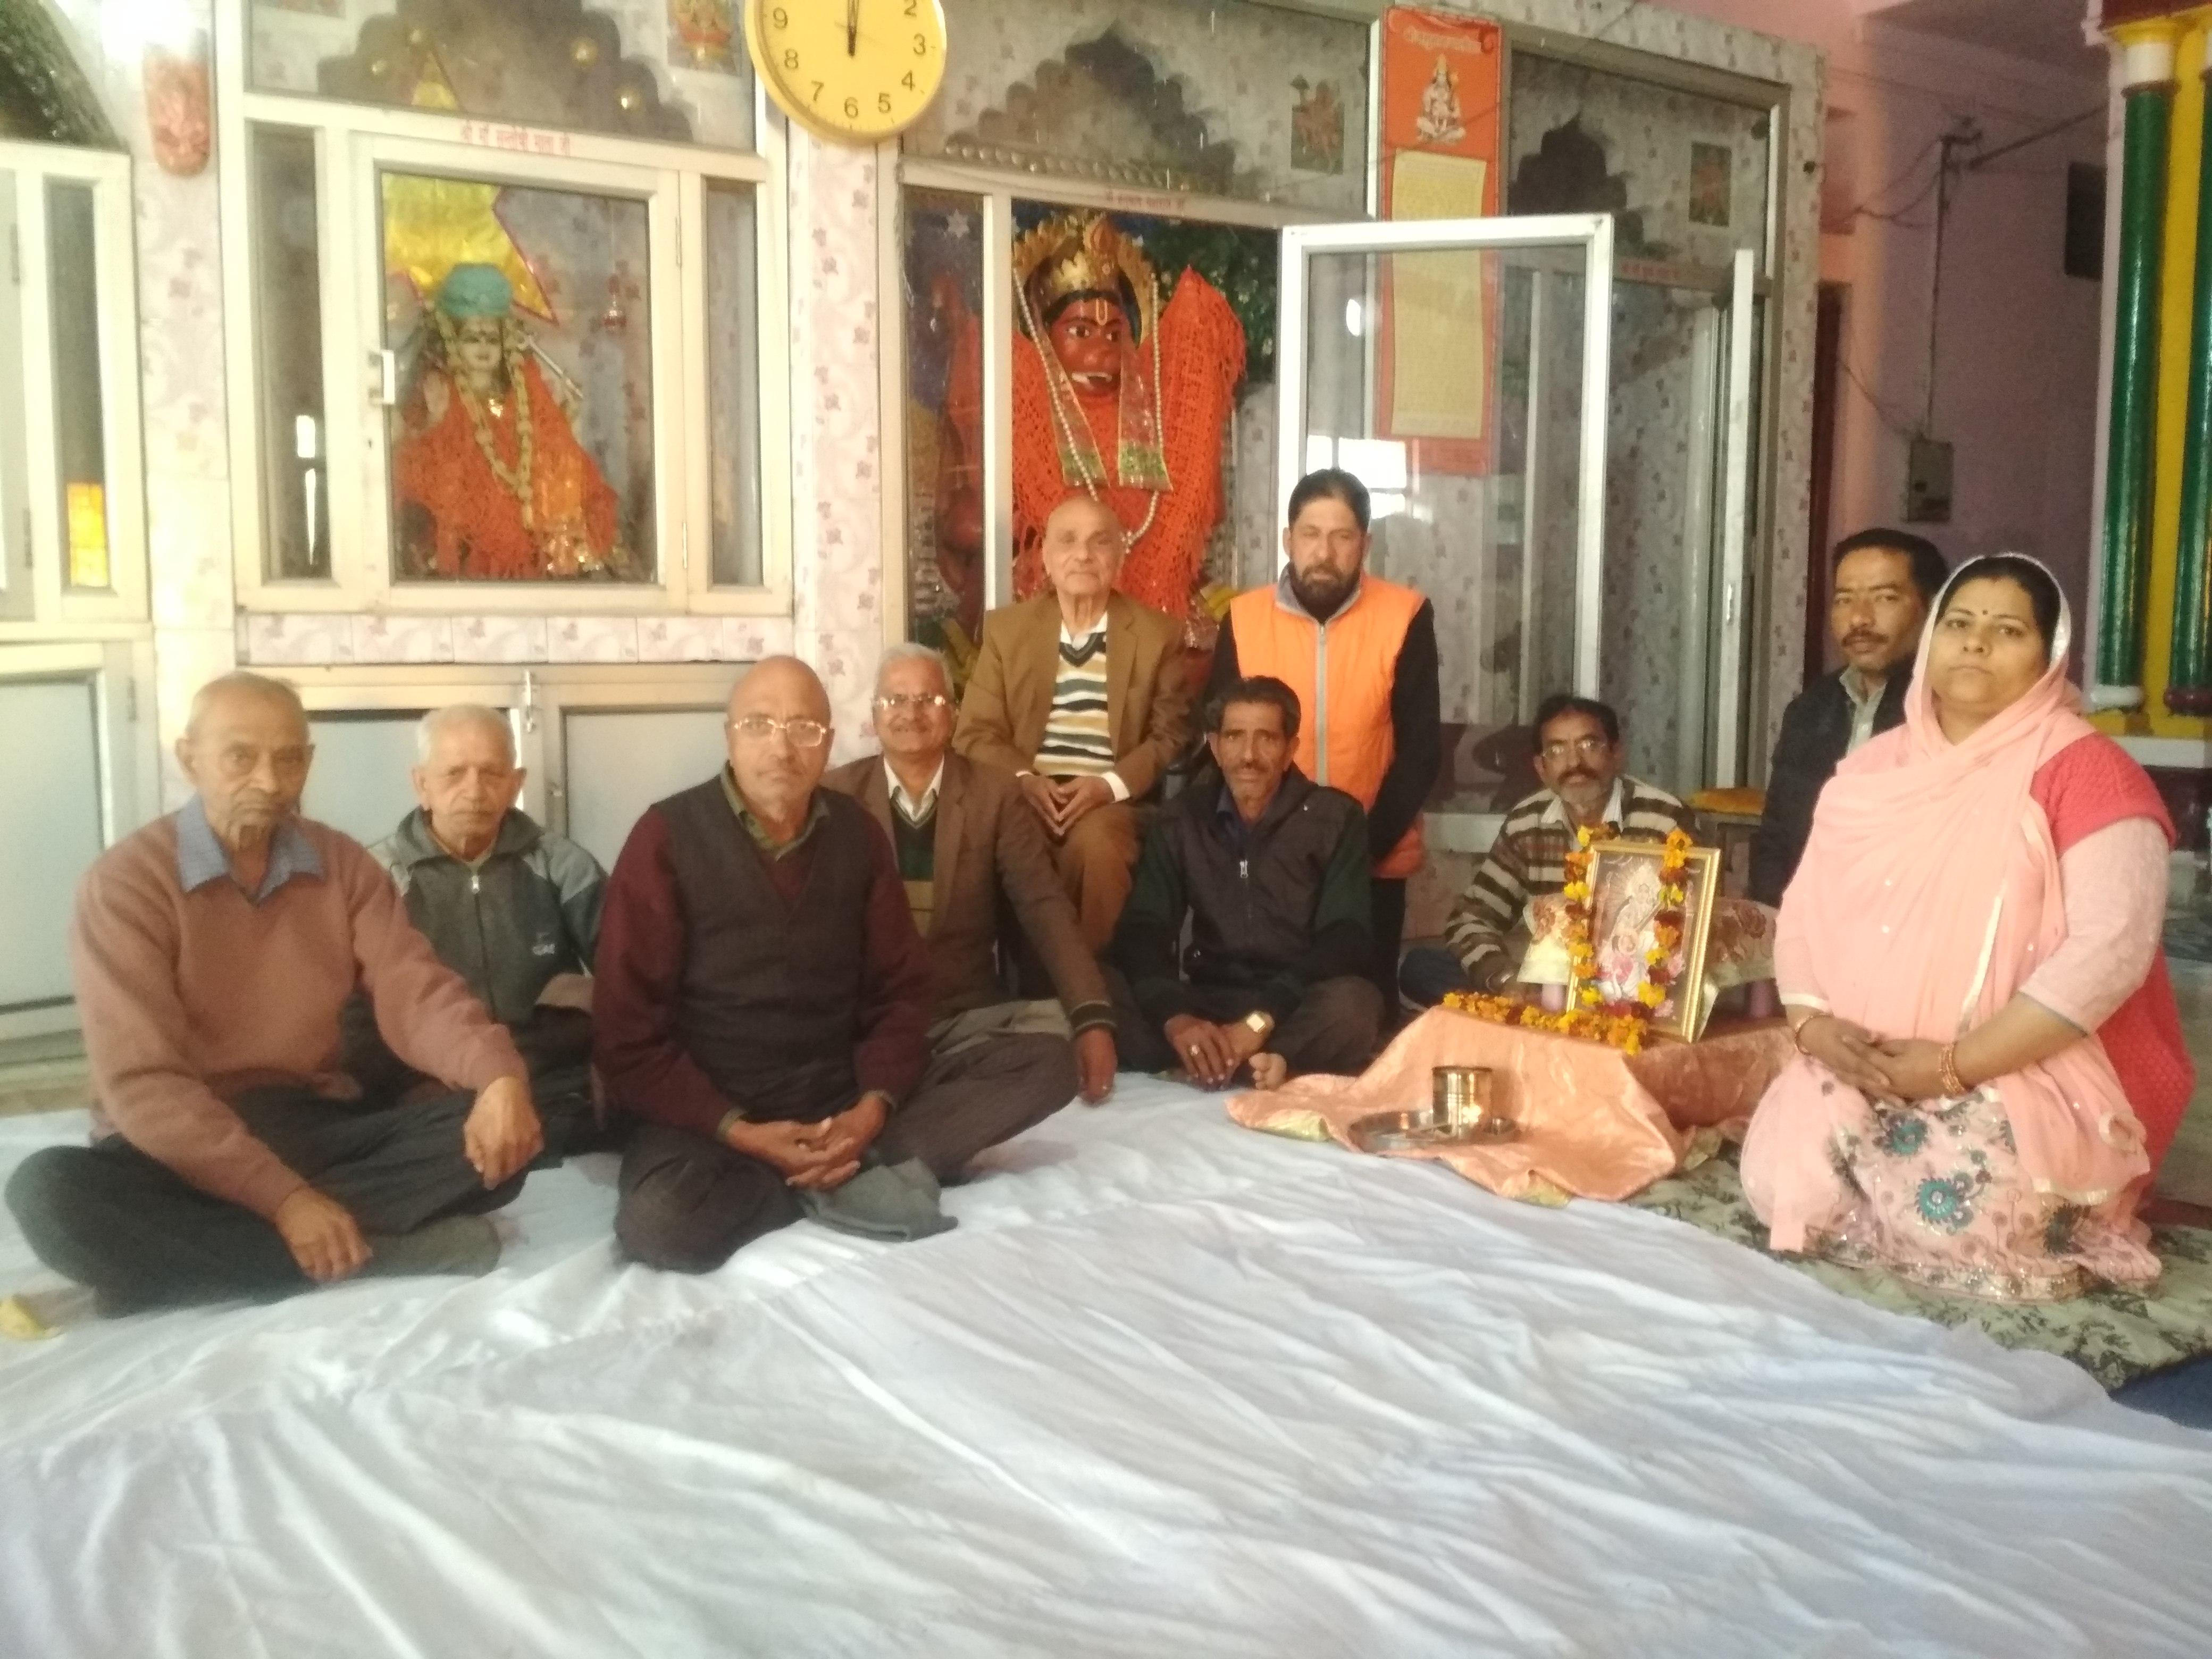 """""""हरियाणा ब्राह्मण परिसंघ की बैठक श्री बांके बिहारी मंदिर यमुनानगर में संपन्न"""" संस्थापक श्री पुरुषोत्तम दास कौशिश ने बैठक में कहा कि परिसंघ का उद्देश्य लोगों में परस्पर भाईचारा व समाज में एकता की भावना के लिए कार्य करना है। बैठक में उपस्थित सदस्य जय भगवान शर्मा ने कहा कि हिंदू संस्कृति सभी वर्गों को साथ लेकर व साथ मिलकर कार्य करने की है। इसलिए भगवान परशुराम परिवार चाहता है कि हम सभी आपस में एक-दूसरे का आदर करें। मौके पर मौजूद सुभाष शर्मा ने बताया कि सभी सदस्य भगवान परशुराम जी और परिसंघ के उद्देश्यों पर ही चल रहे हैं और हमेें दूसरों को भी ऐसा करने के लिए प्रेरित करते हुए अपना संगठन मजबूत बनाना चाहिए। स्वाति शर्मा ने बताया कि मंदिर में इसी माह की 18 तारीख को अम्मा भगवान का सायं ३ से ५ बजे तक कीर्तन होगा।"""